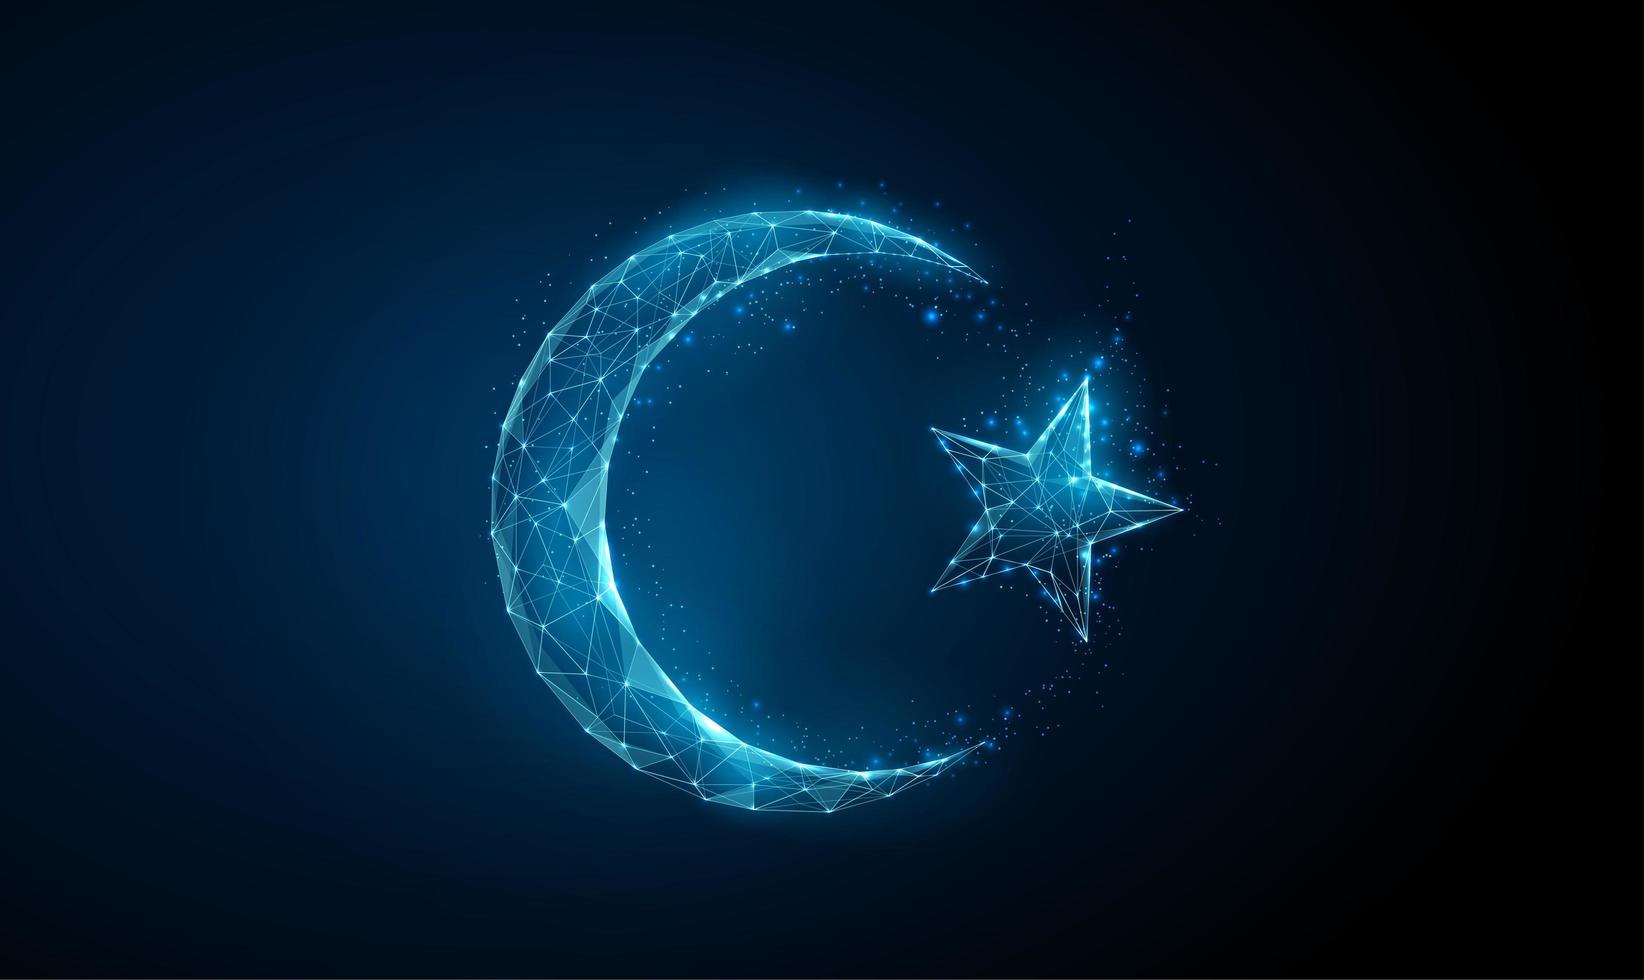 simbolo astratto islamico ramadan mezzaluna e stella. vettore